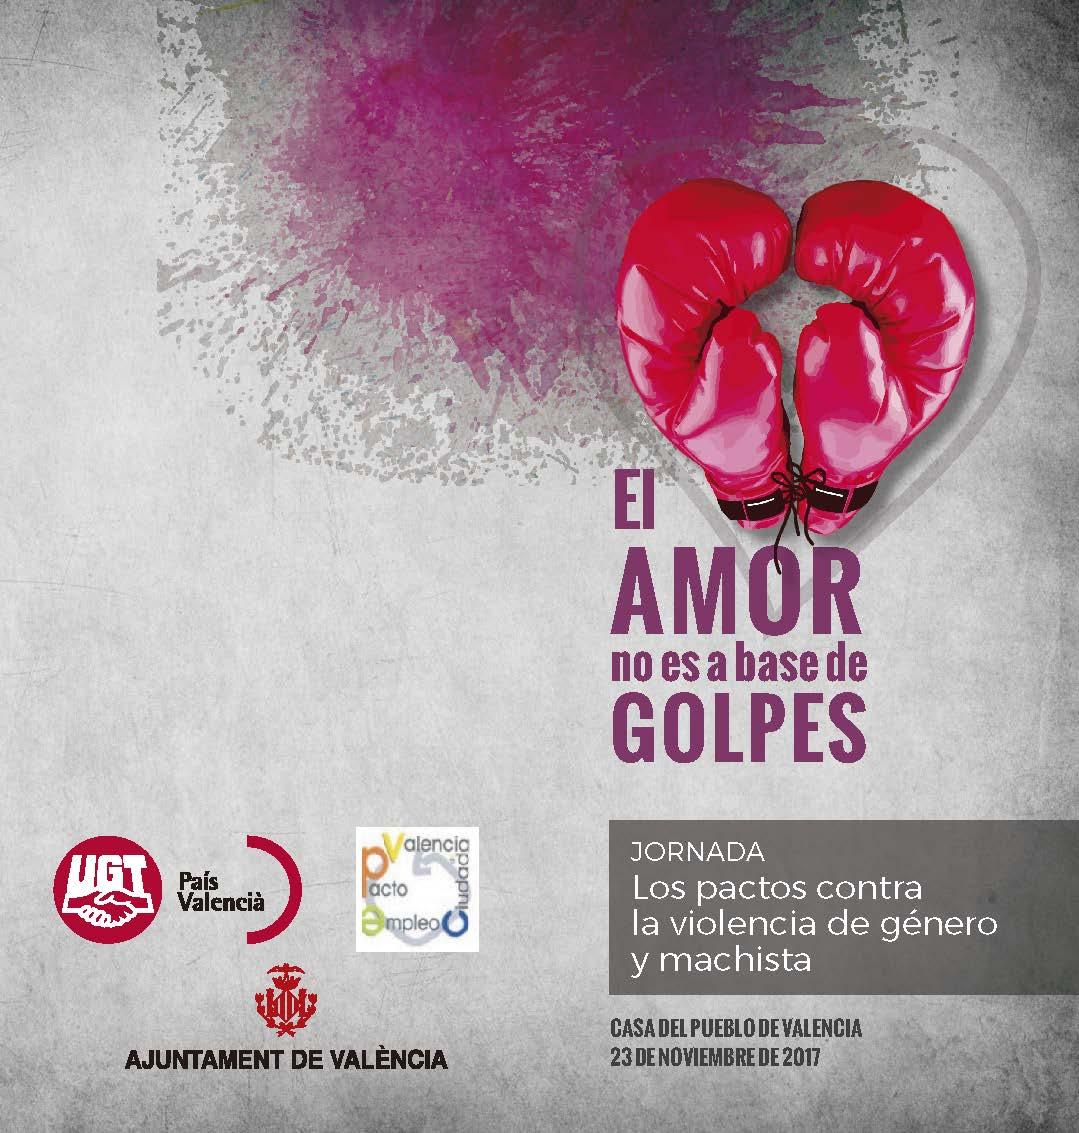 23/11 Valencia JORNADA: Los pactos contra la violencia de género y machista